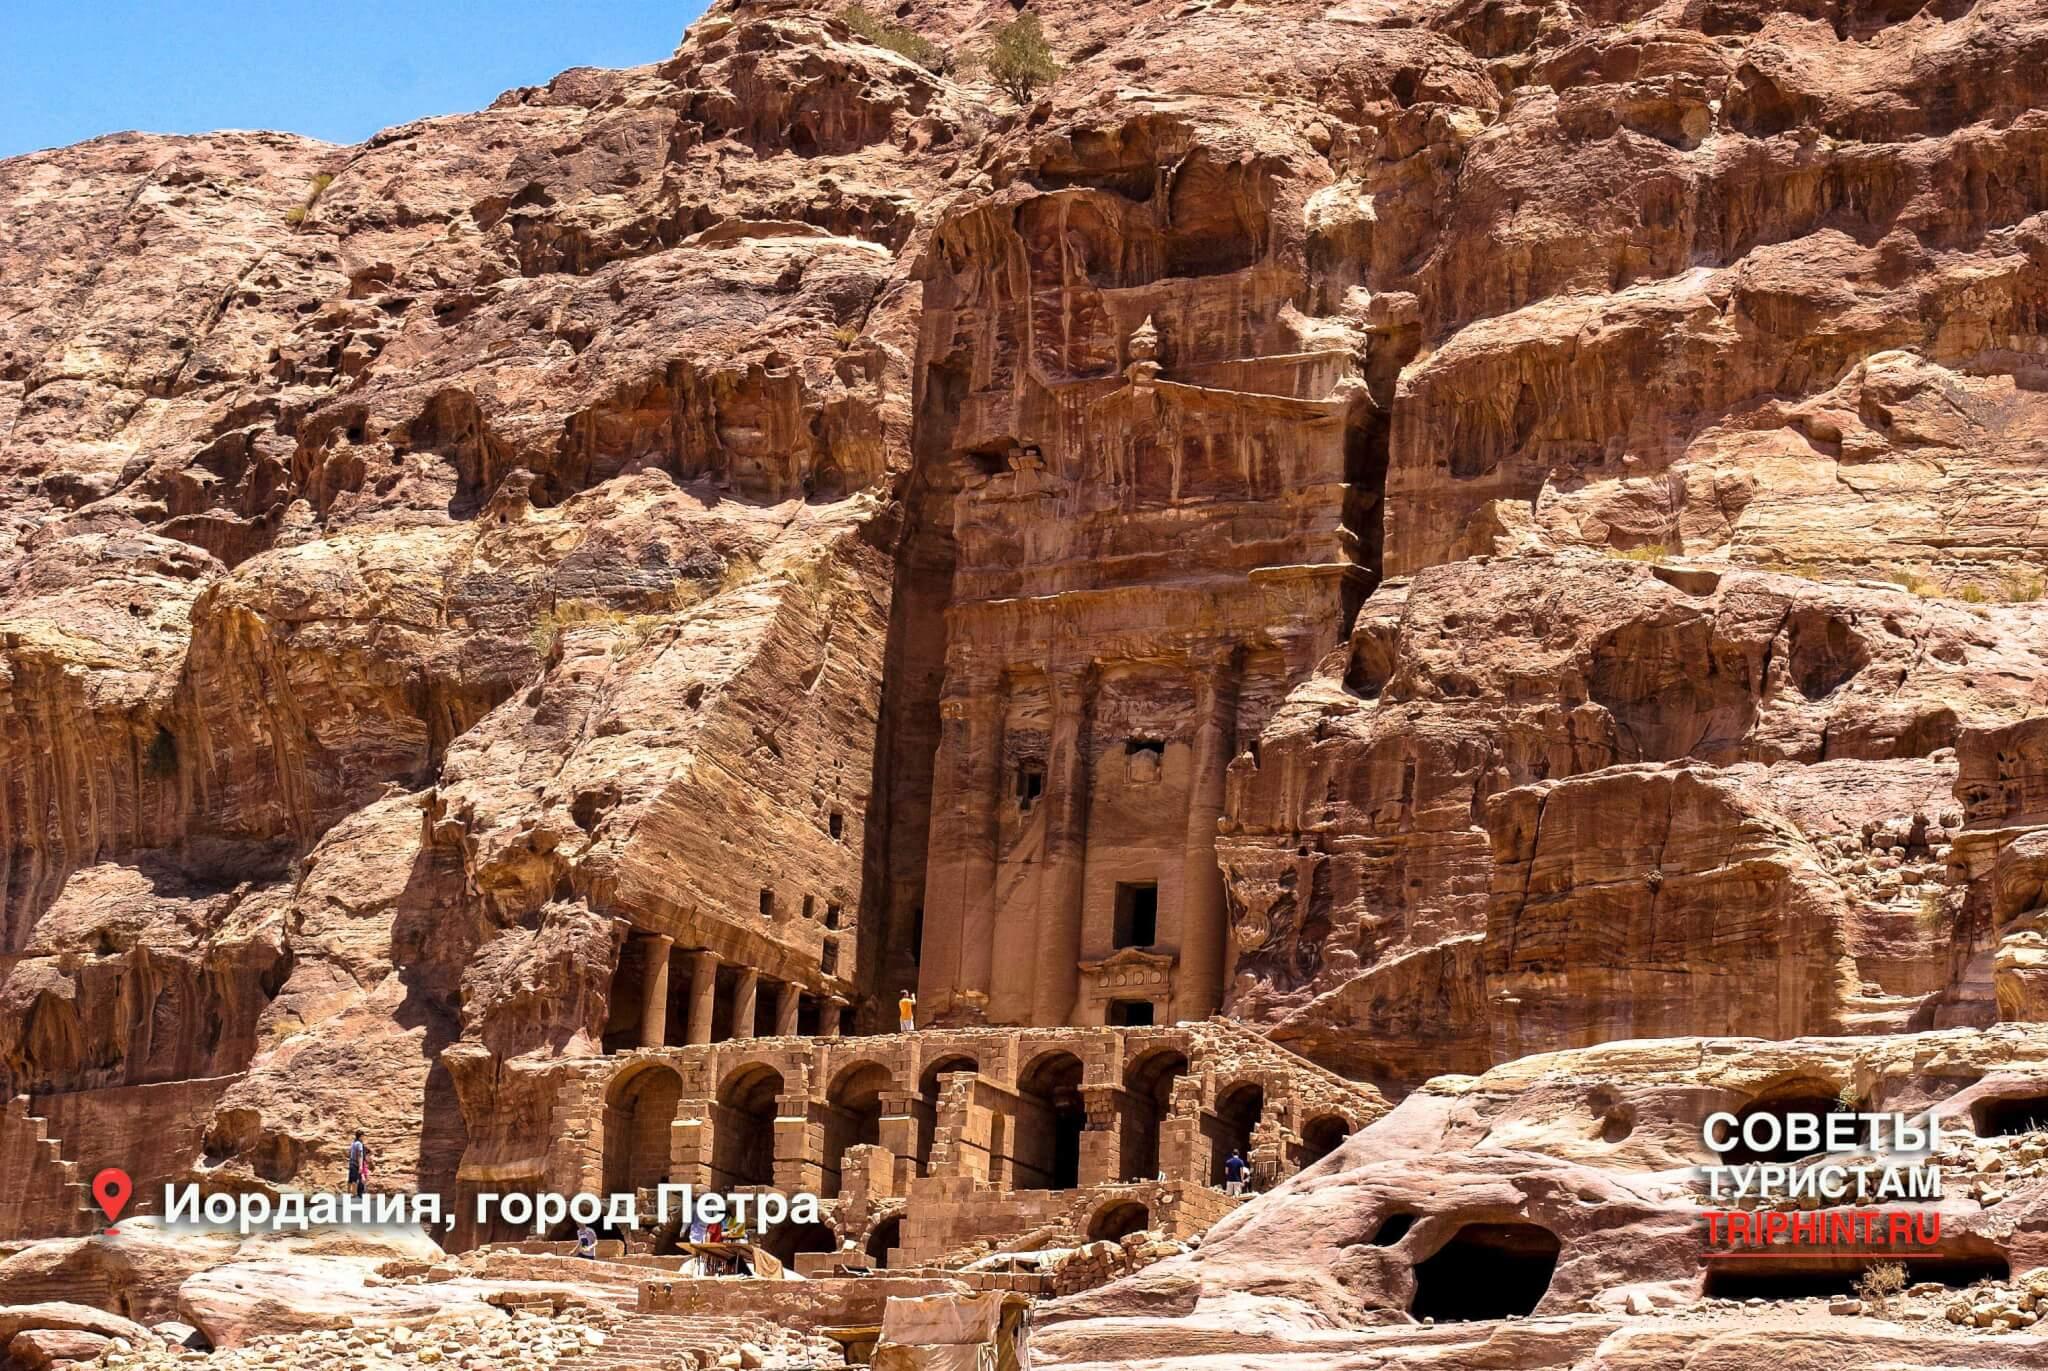 Что посетить в Иордании? Древний, вырезанный в камне, город Петра